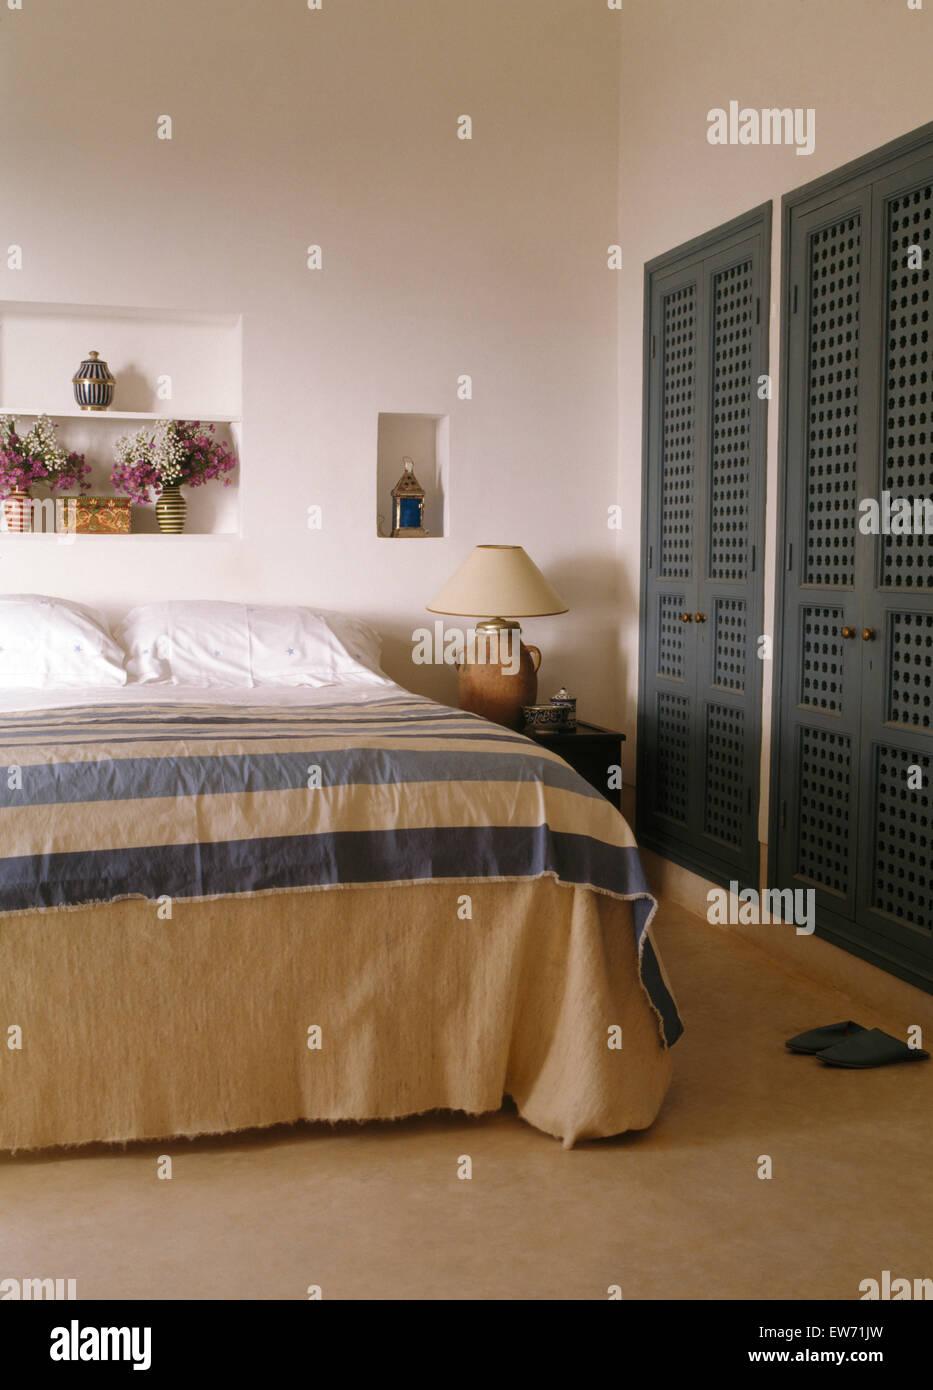 marokkanisches schlafzimmer ikea family schlafzimmer aktion bettw sche dunkelgrau wei e. Black Bedroom Furniture Sets. Home Design Ideas